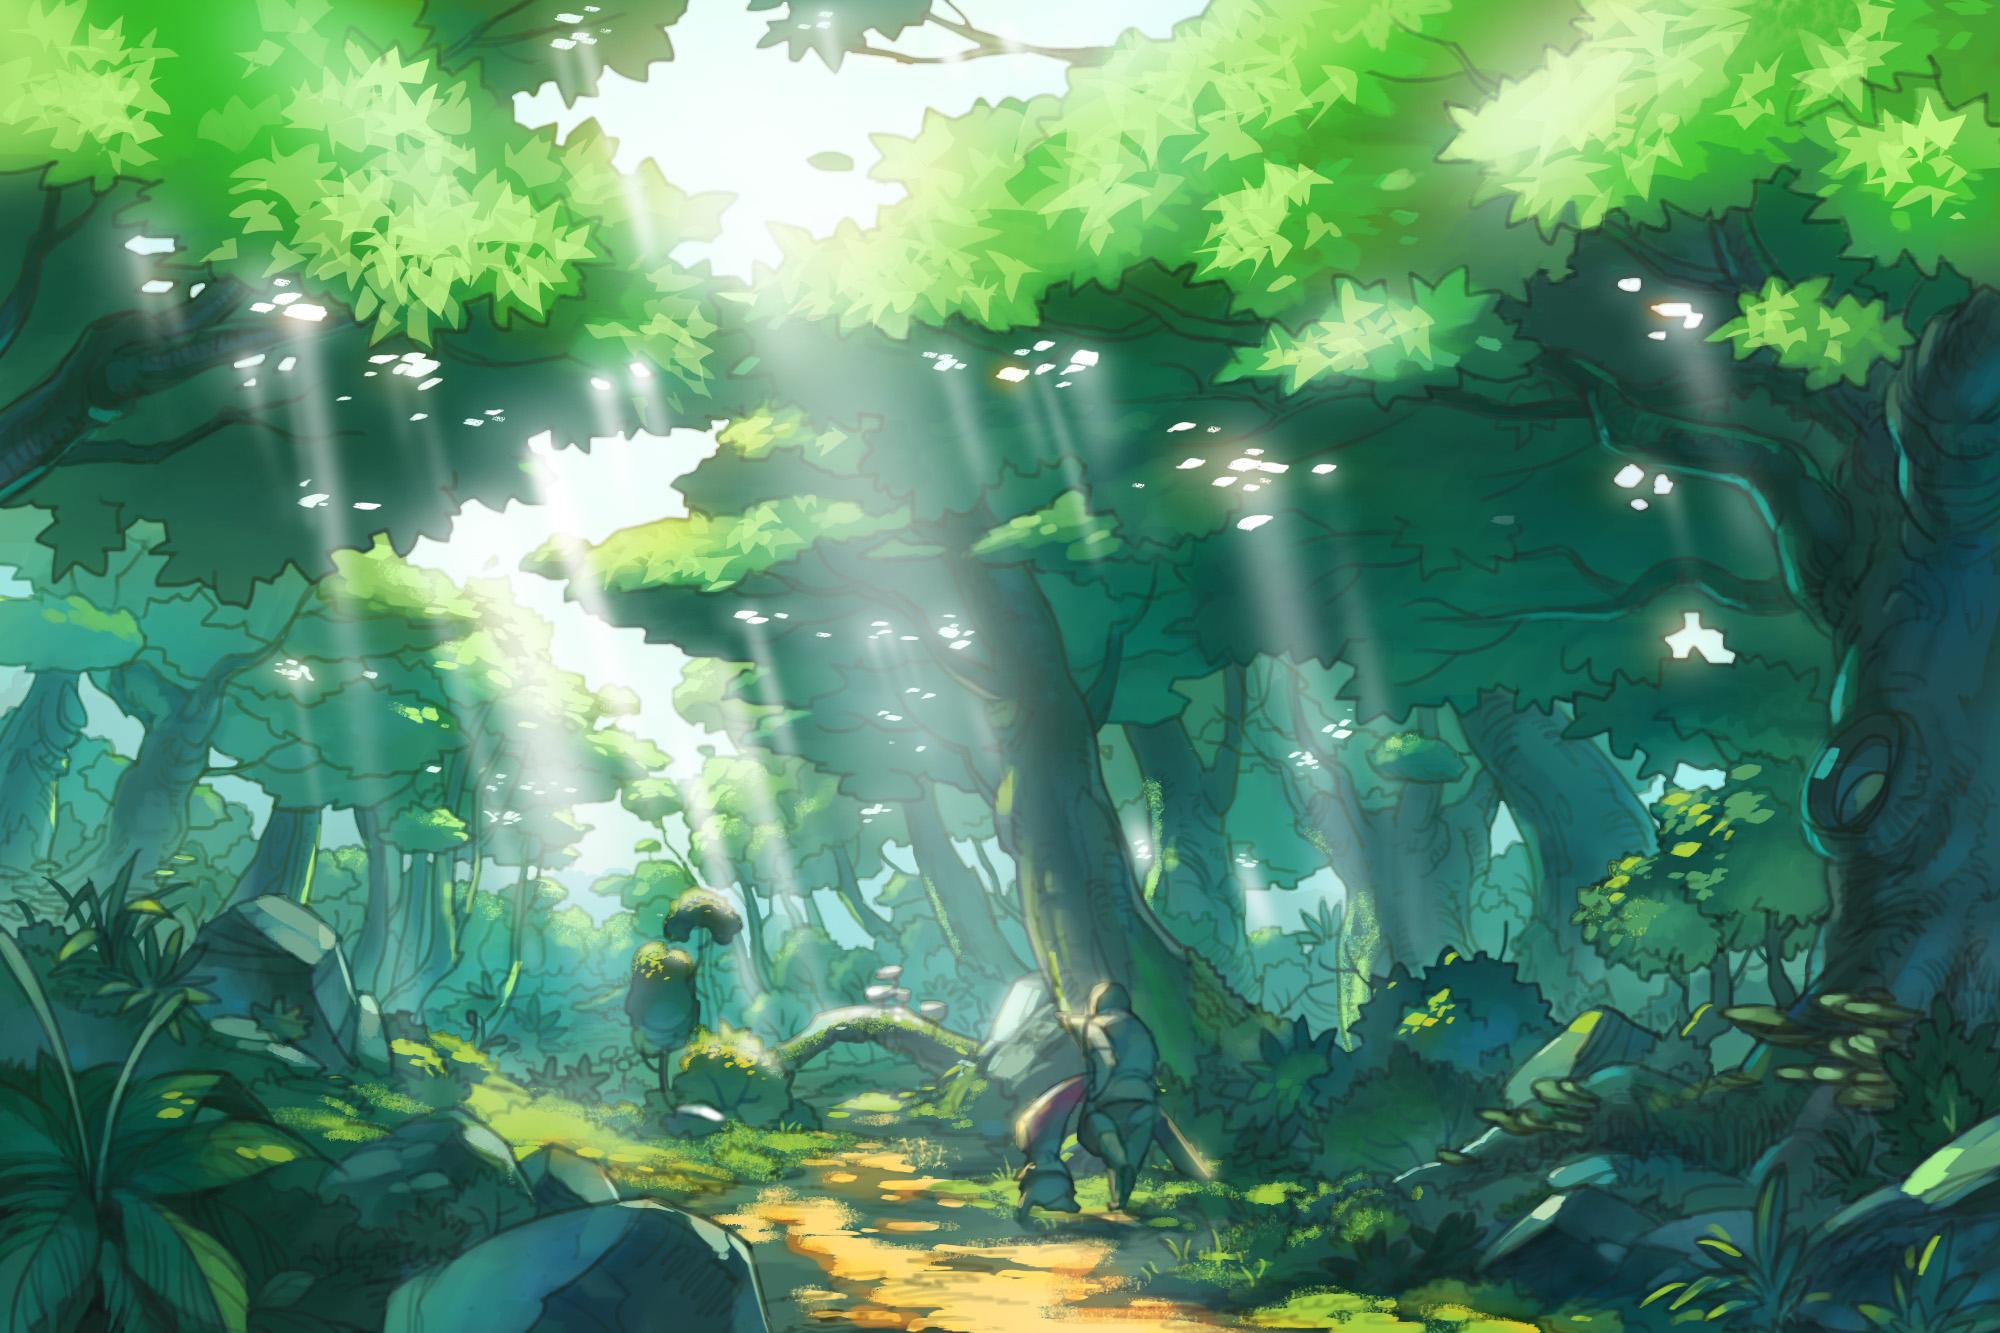 """<strong class="""""""">「未明の森」</strong><br class="""""""">うっそうとした広葉樹林が果てしなく広がる大陸最大の森林地帯。大陸の肥沃な大地の象徴でもある。果実や野草など、森の恵みに溢れており、ドラグニール村の住人にとって、かけがえのない場所である"""